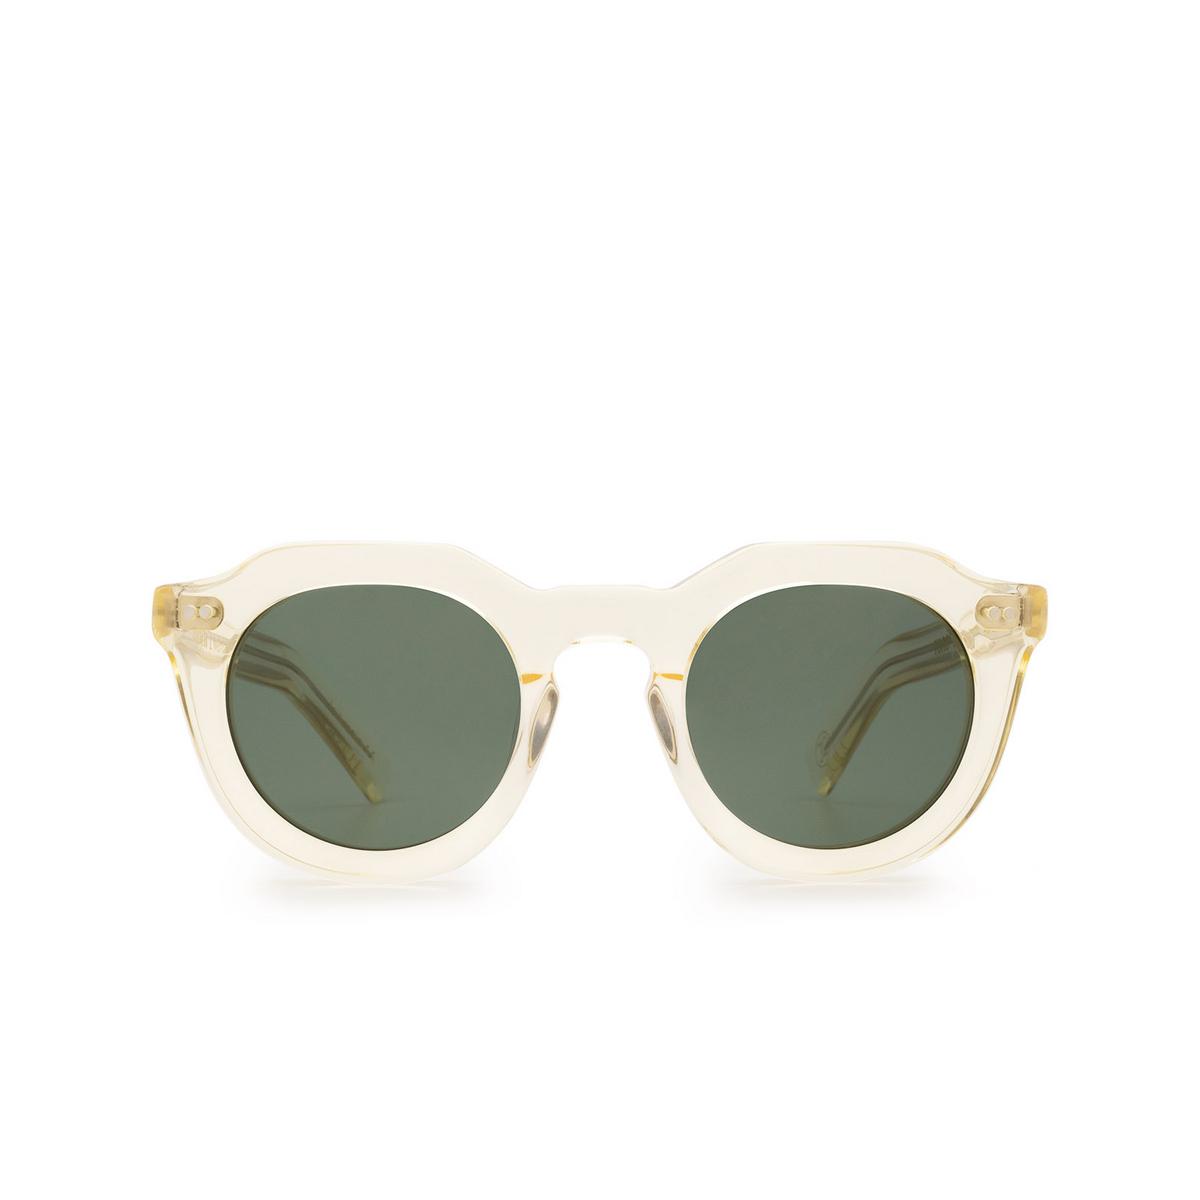 Lesca® Irregular Sunglasses: Toro color Champagne 186 - front view.